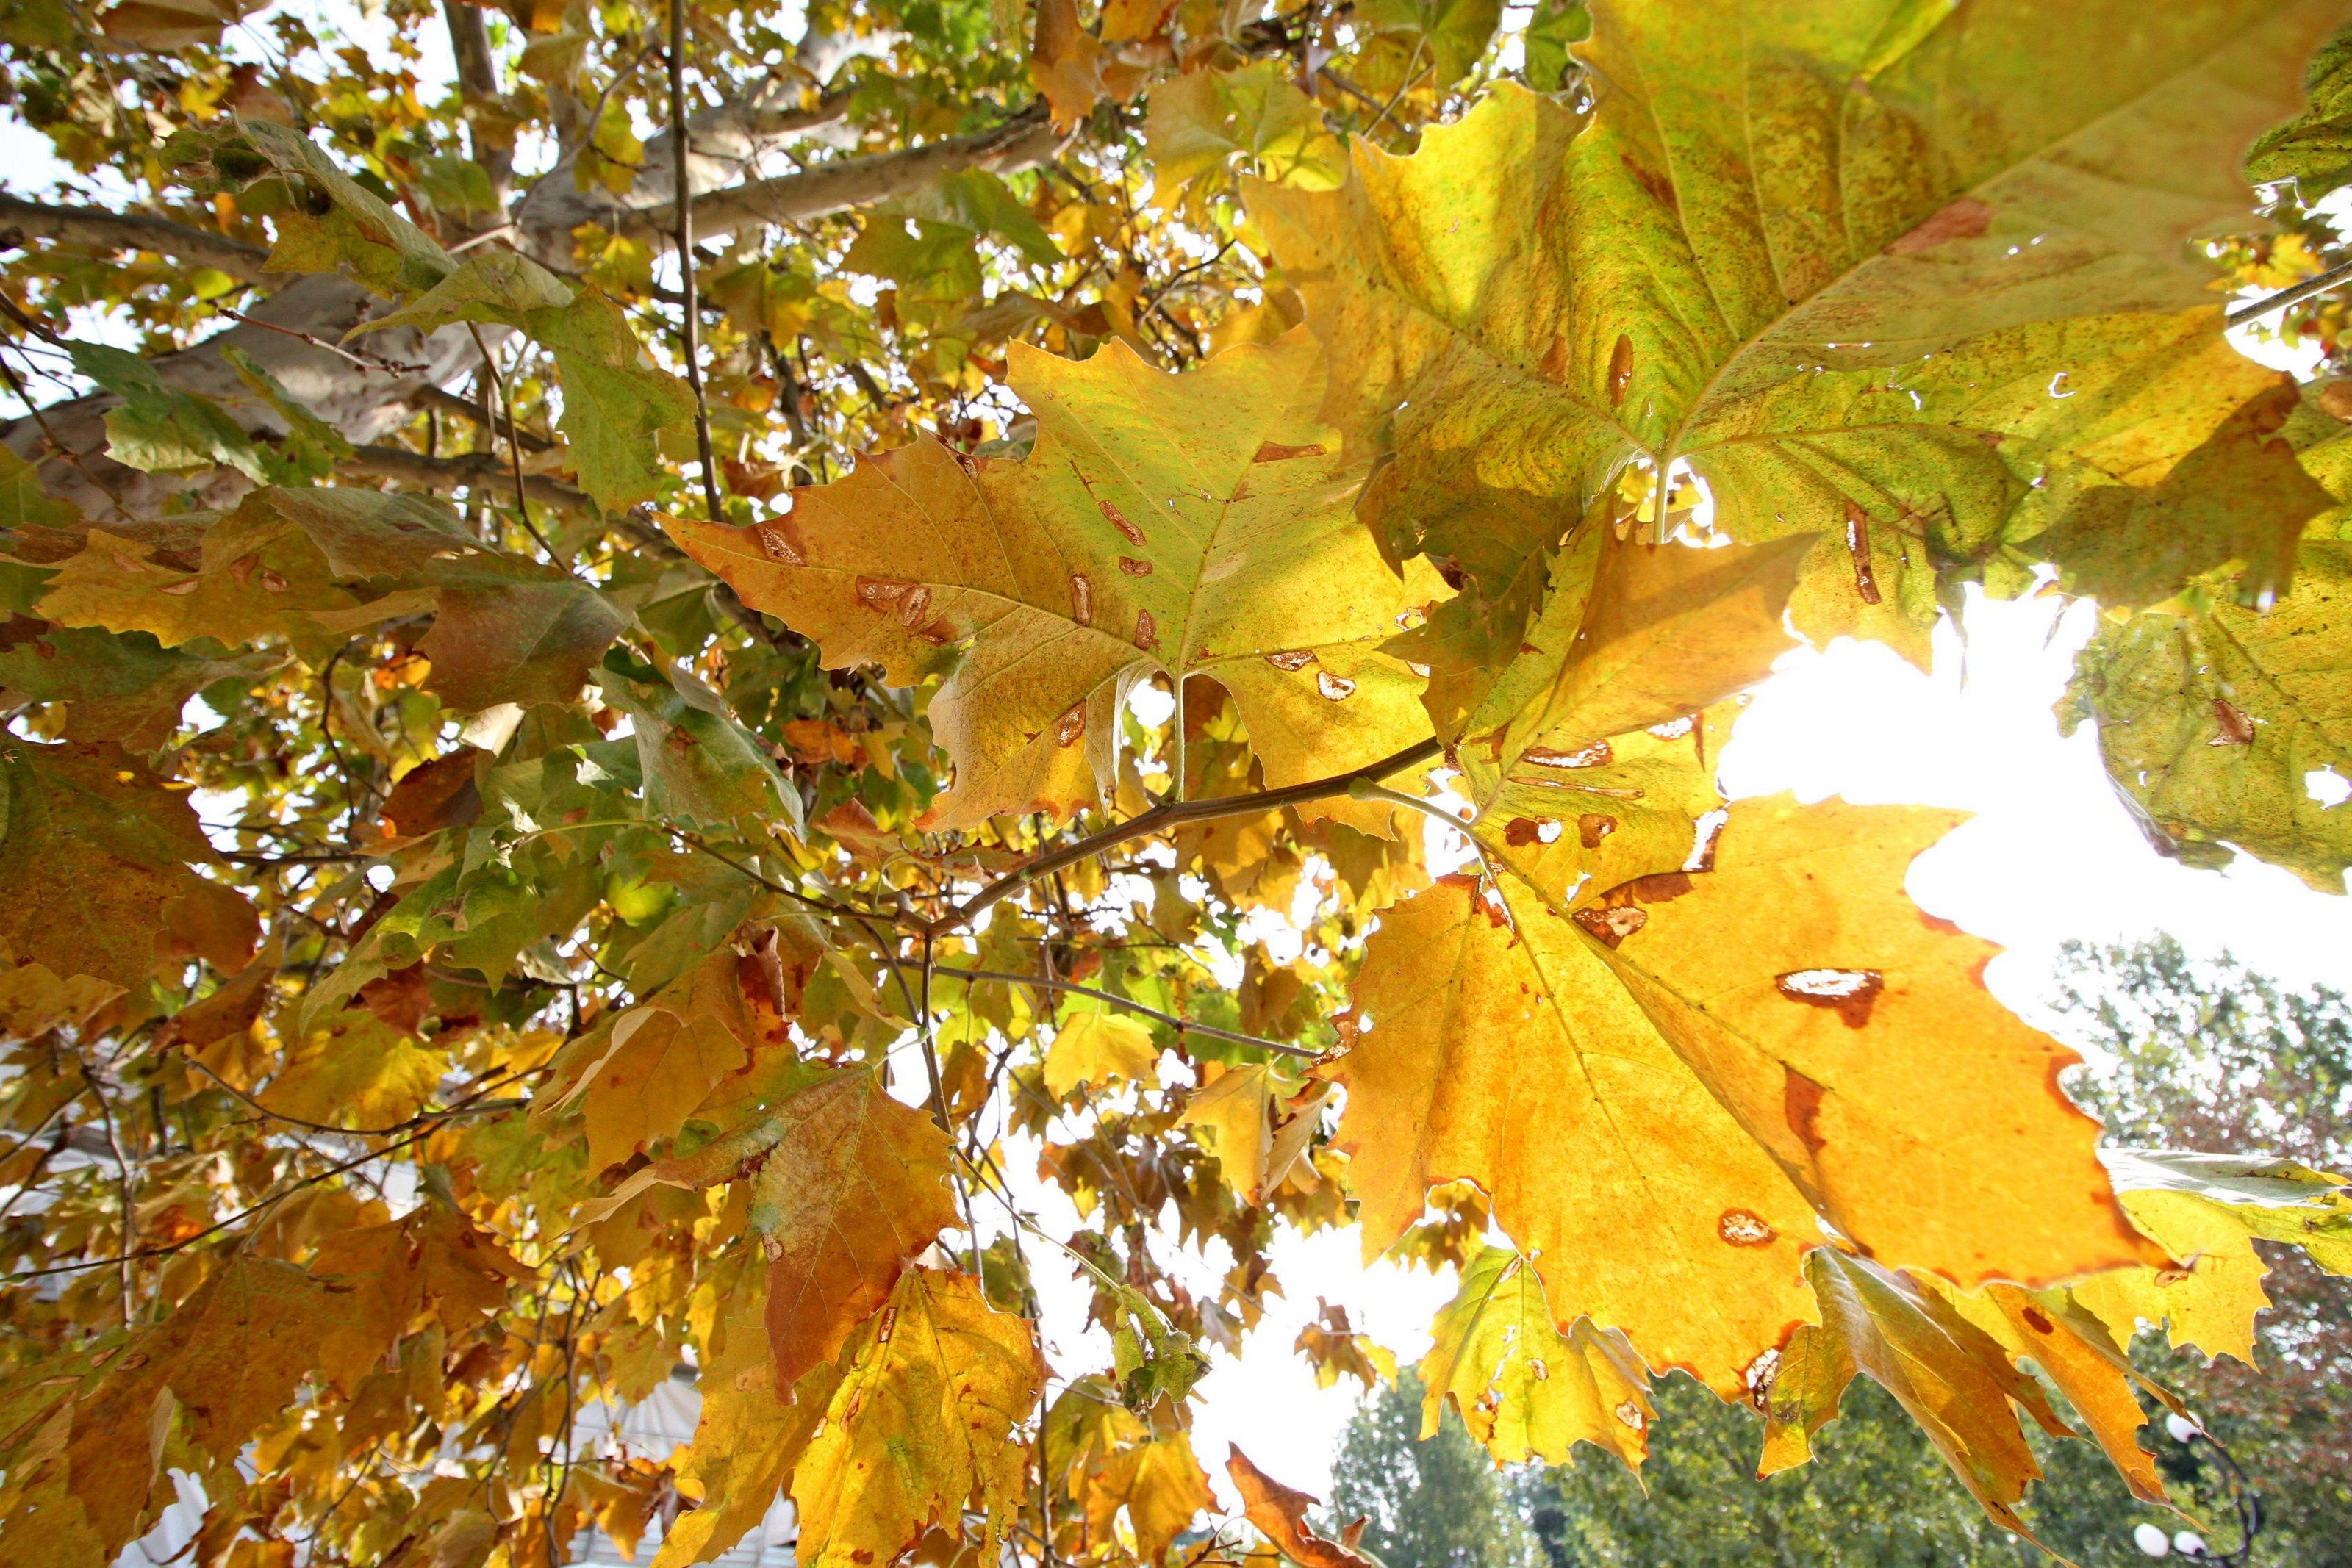 Tornano piogge e temporali ma l'autunno parte baciato dal sole